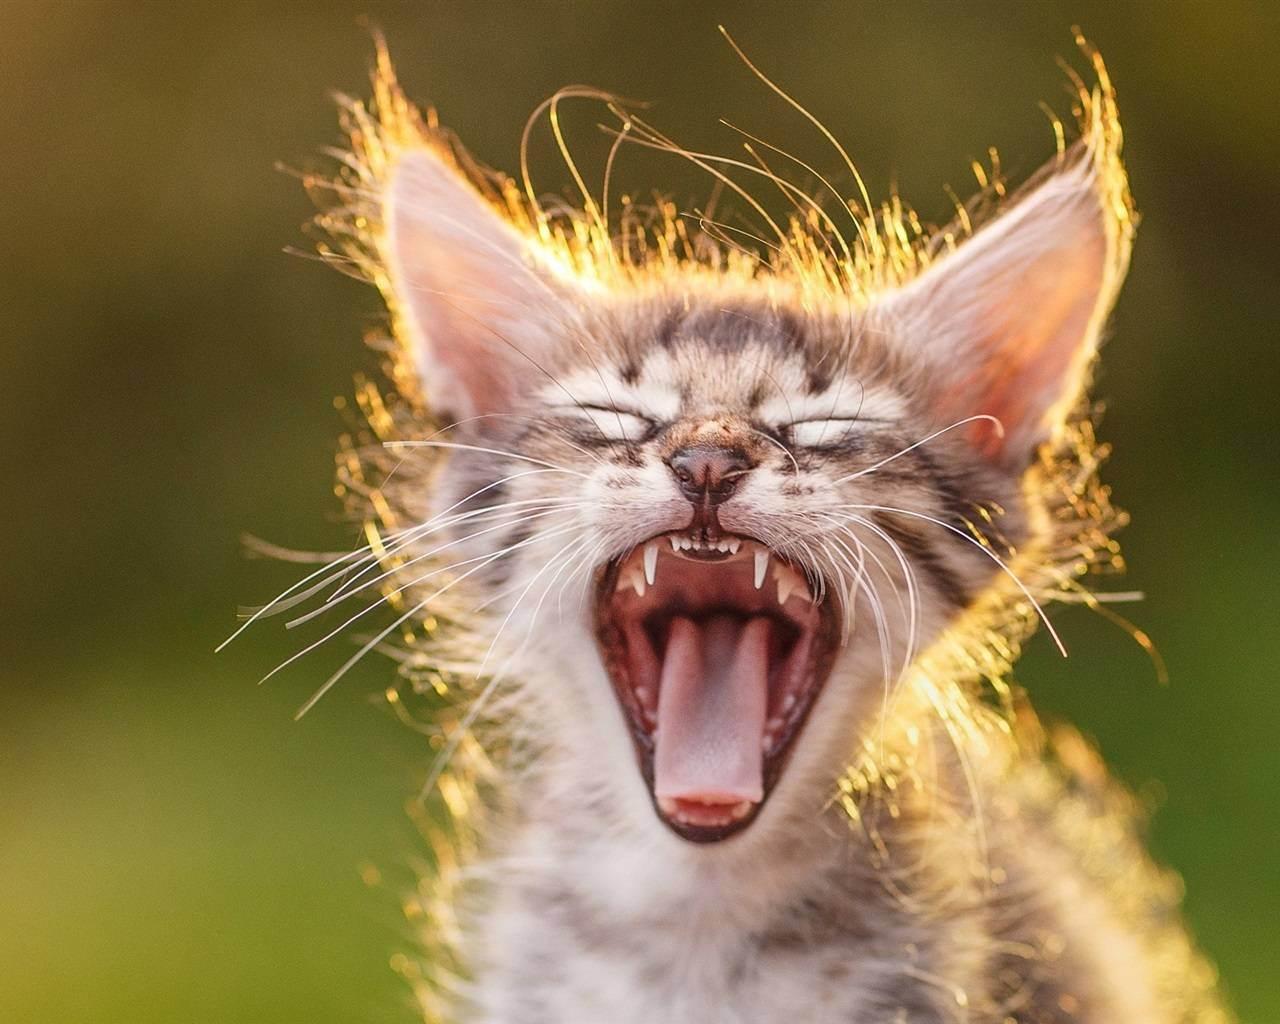 Как бороться с неприятным запахом изо рта у кота или кошки?